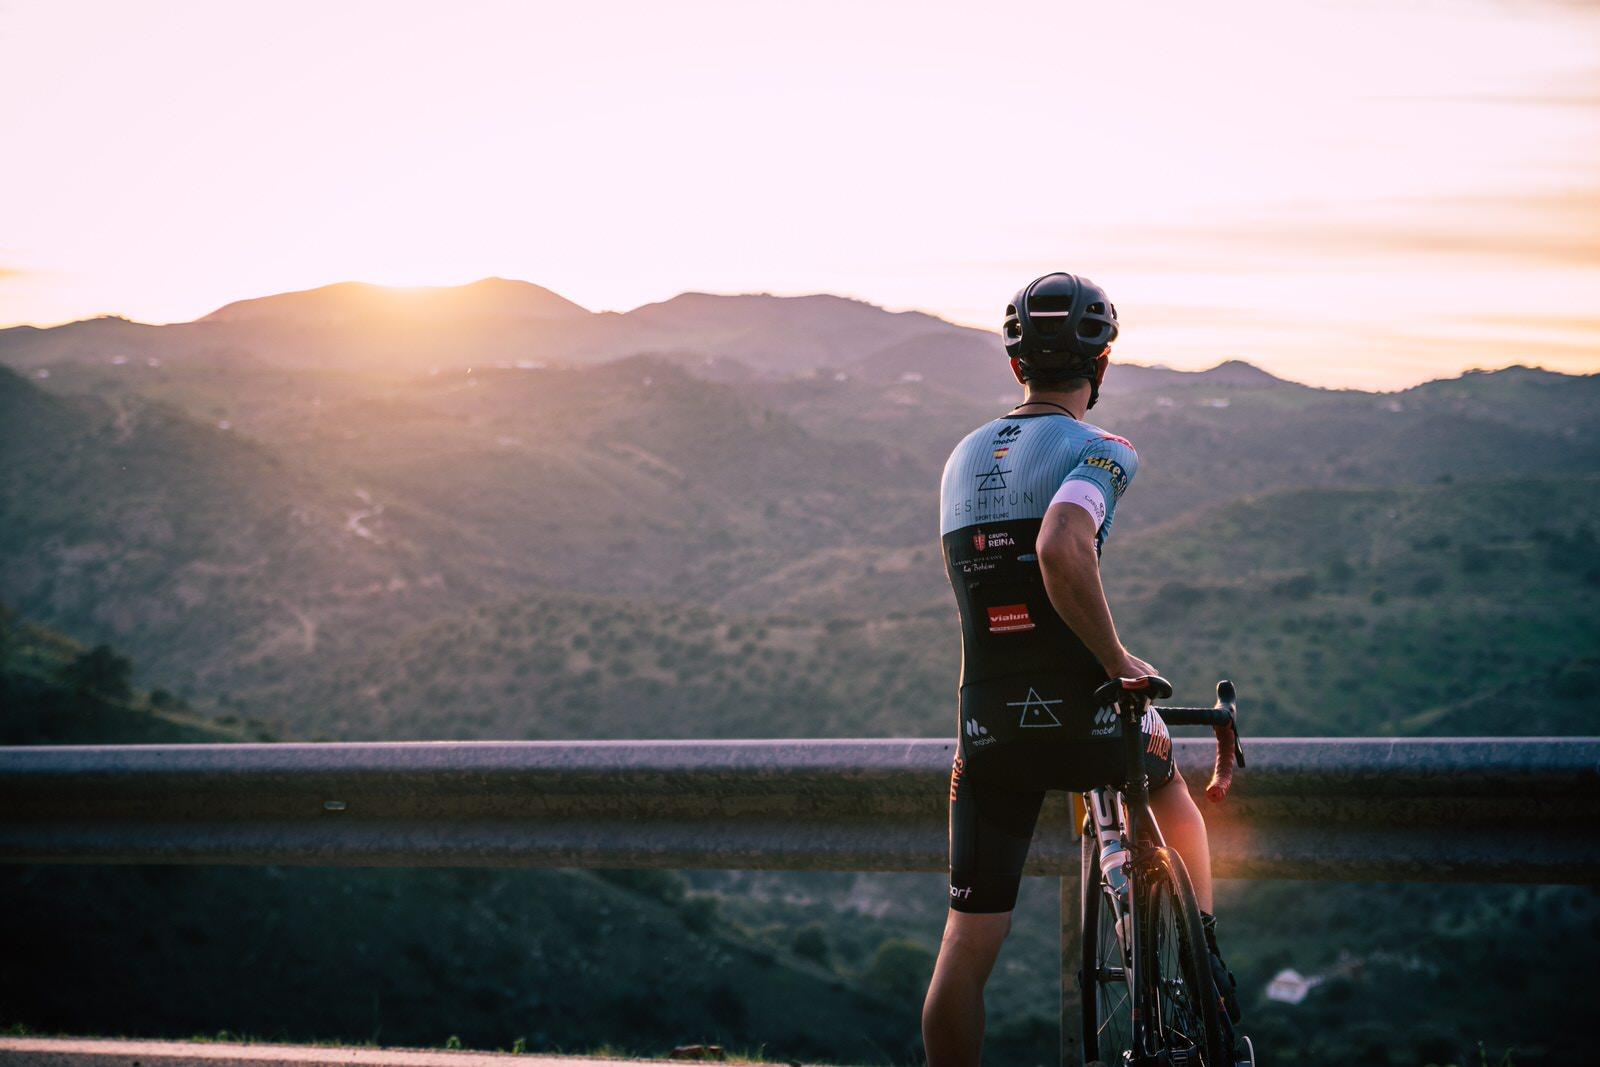 ロードバイクを始めることで得られるメリット